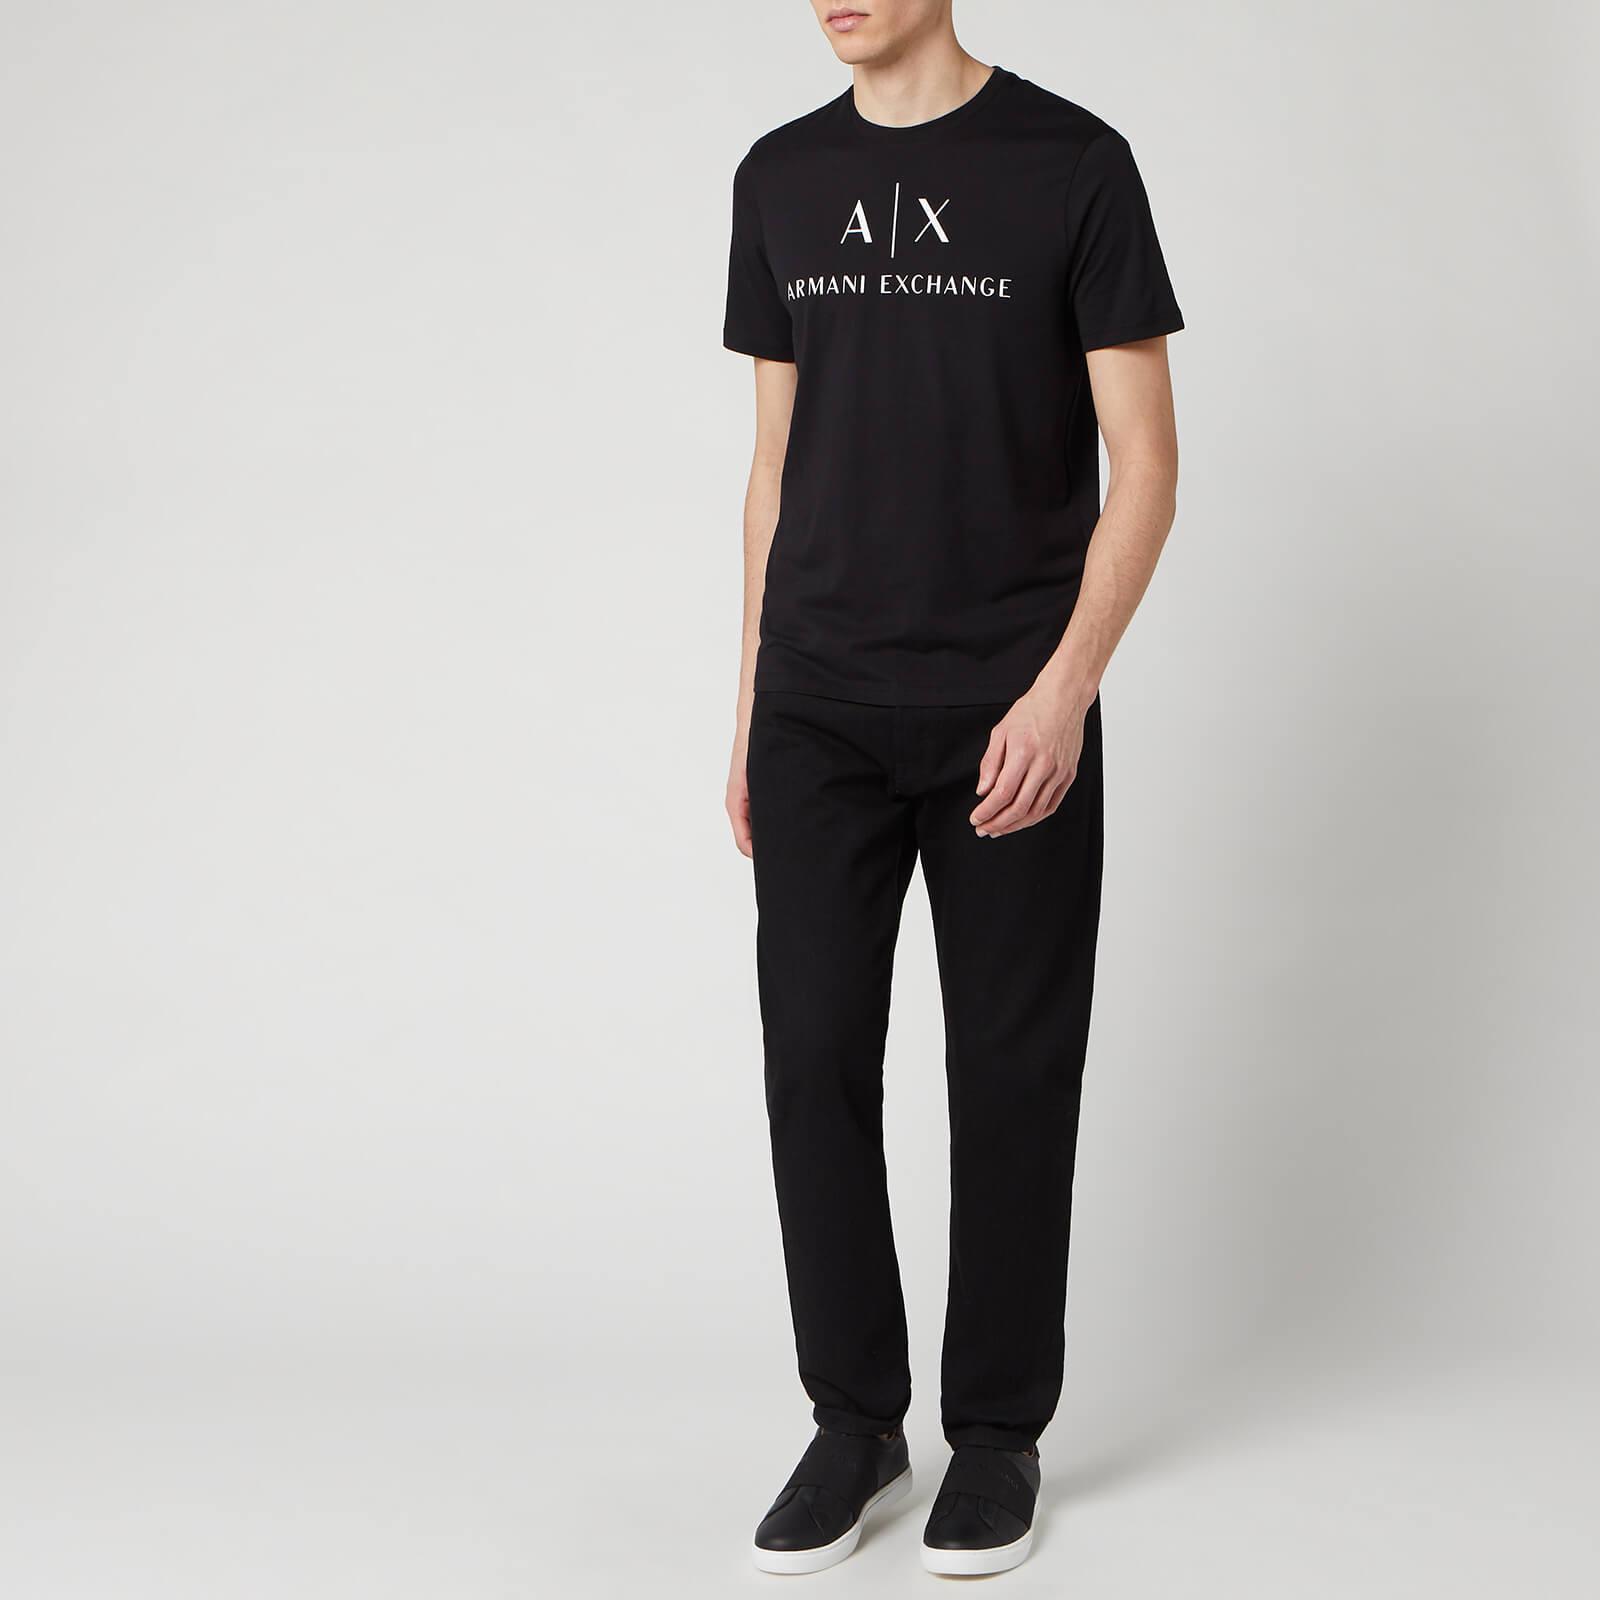 Armani Exchange Men's Script Logo T-Shirt - Black - L